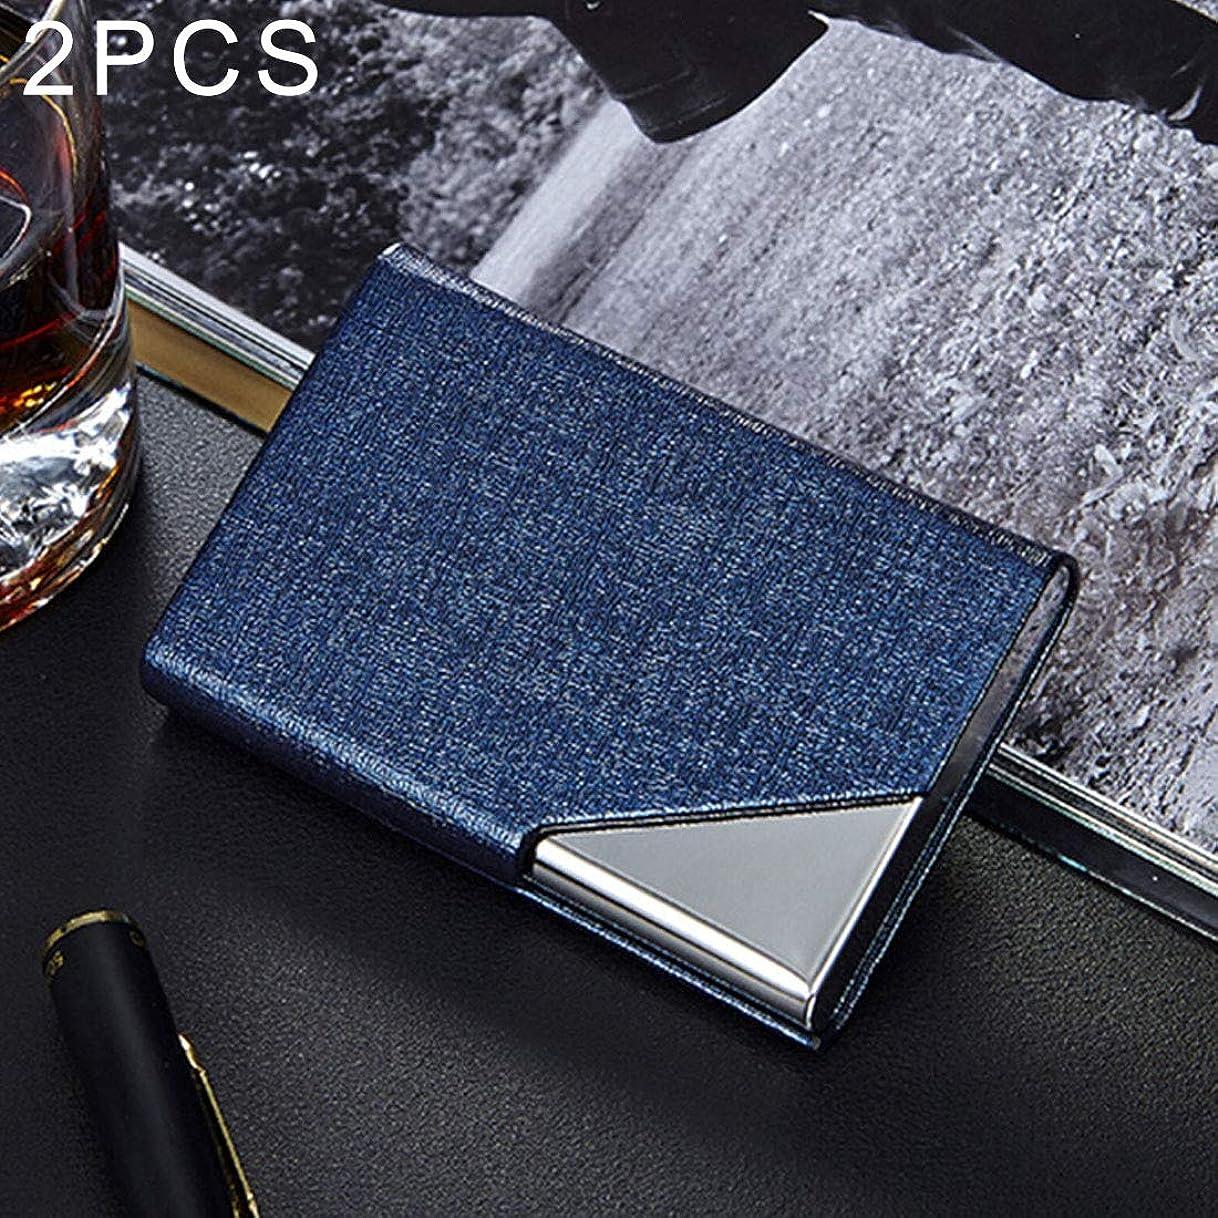 拾う付き添い人地震Office Supplies 2 PCS Oracleボーンテクスチャ名刺ホルダー財布クレジットカードIDケースホルダー、ランダムカラー